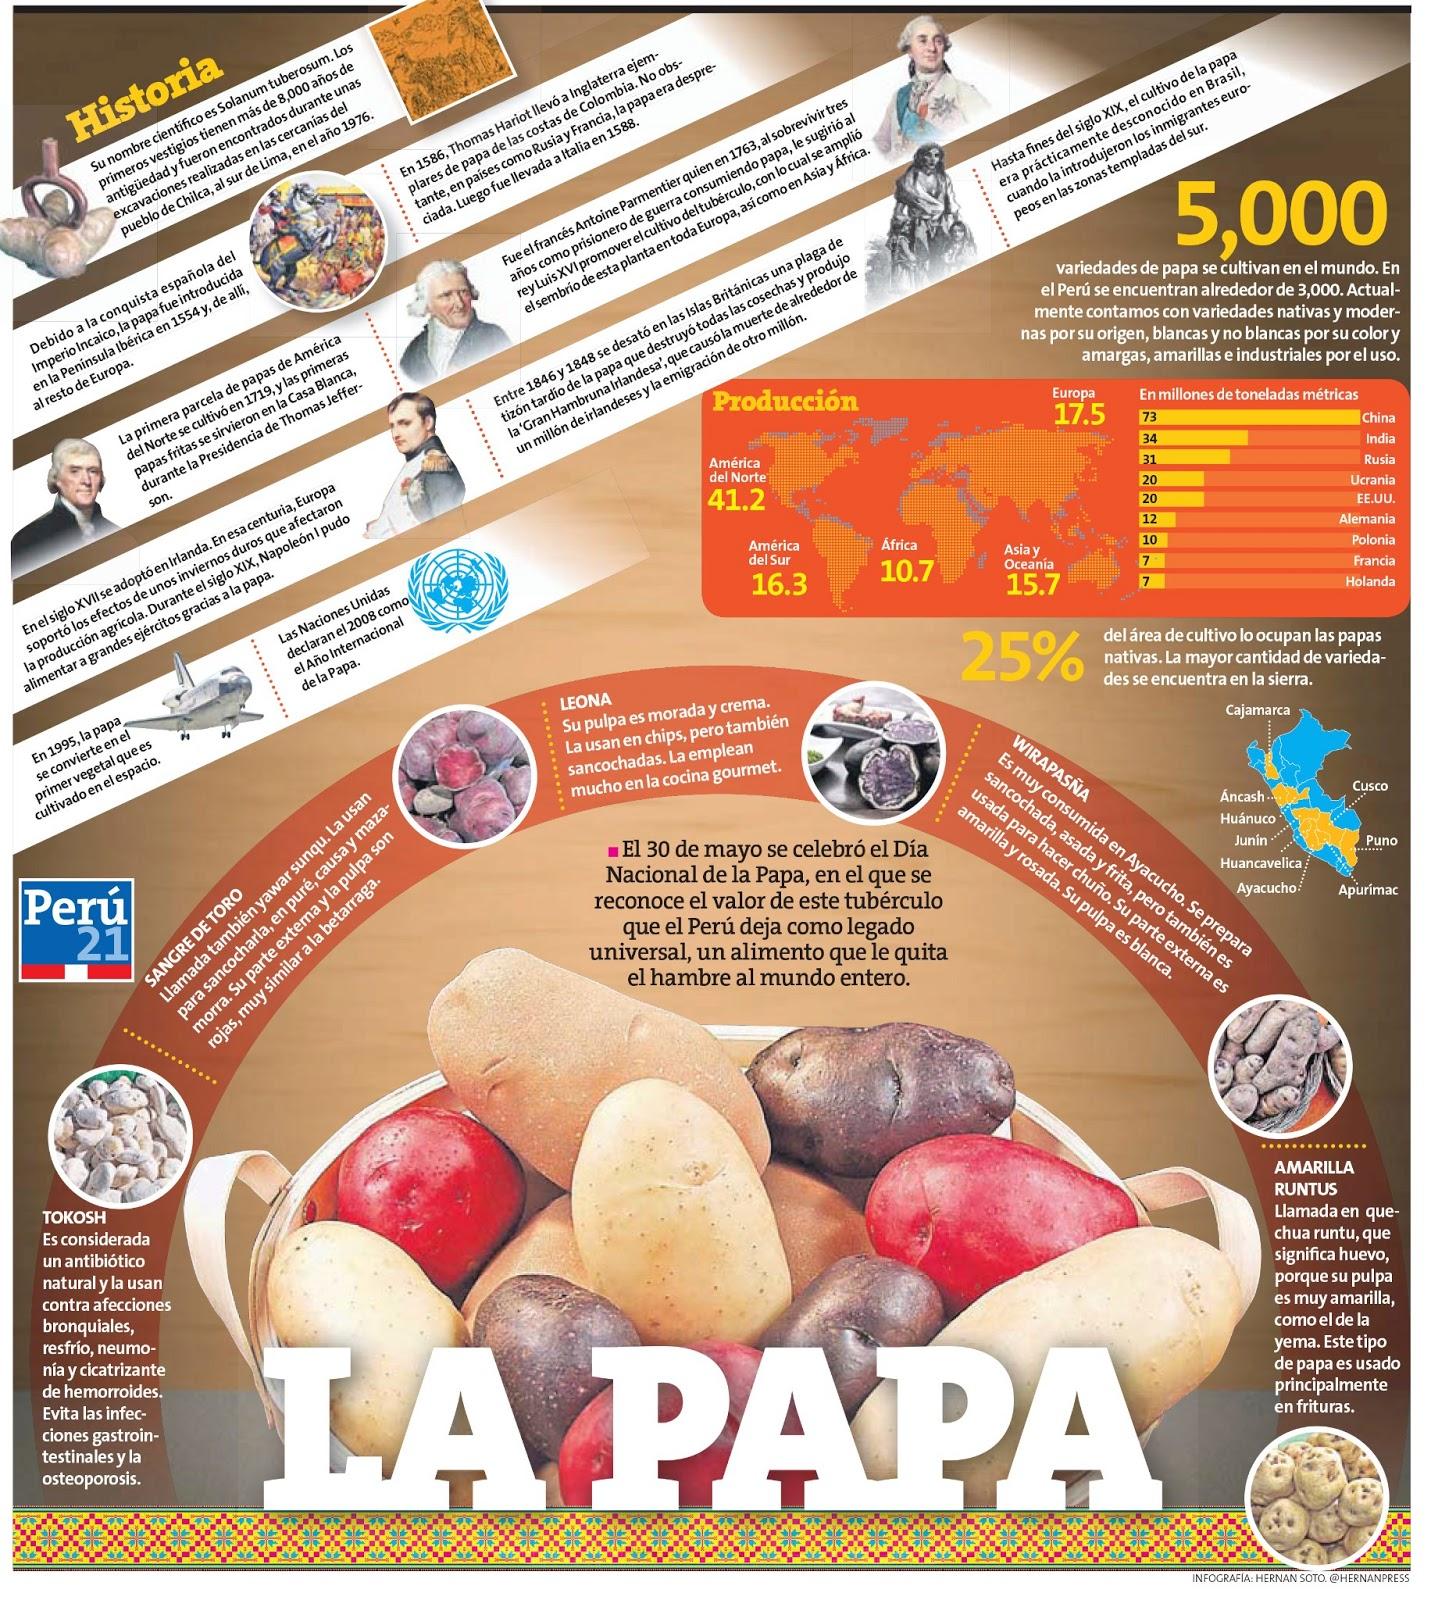 Infografías de alimentos